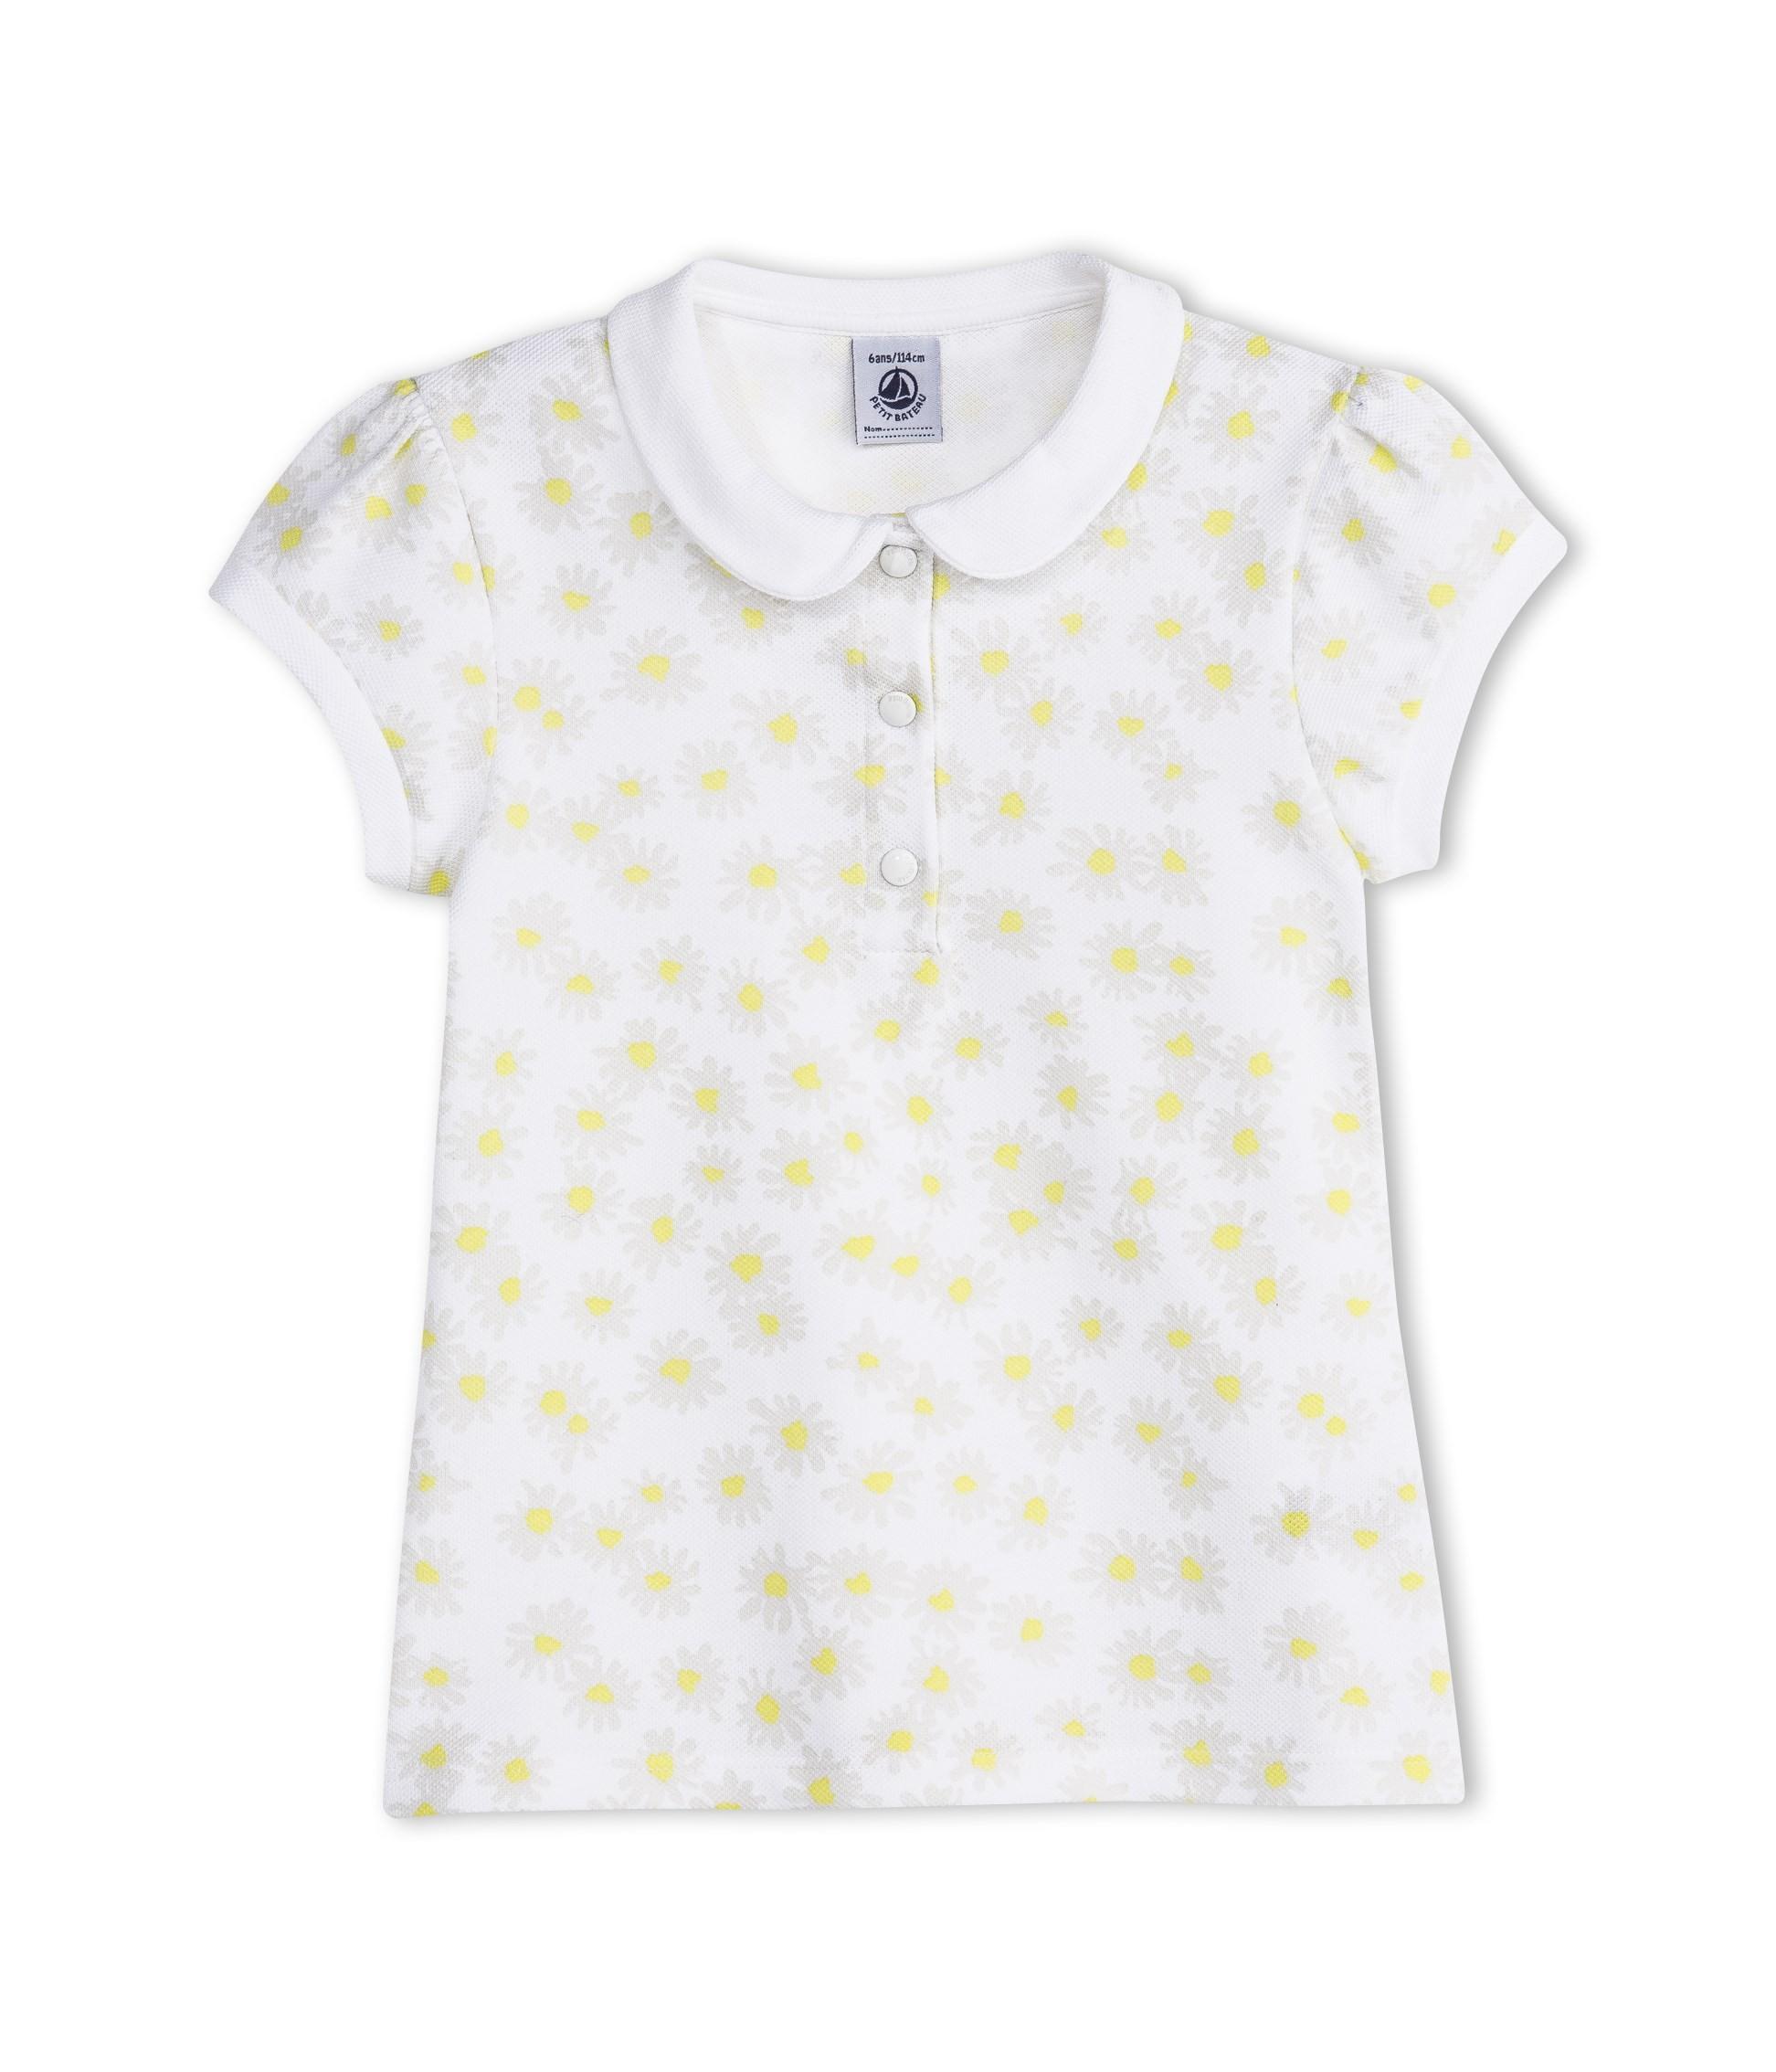 Μπλούζα κοντομάνικη πόλο με σχέδιο για κορίτσι - petit-bateau.gr c1eb7995543